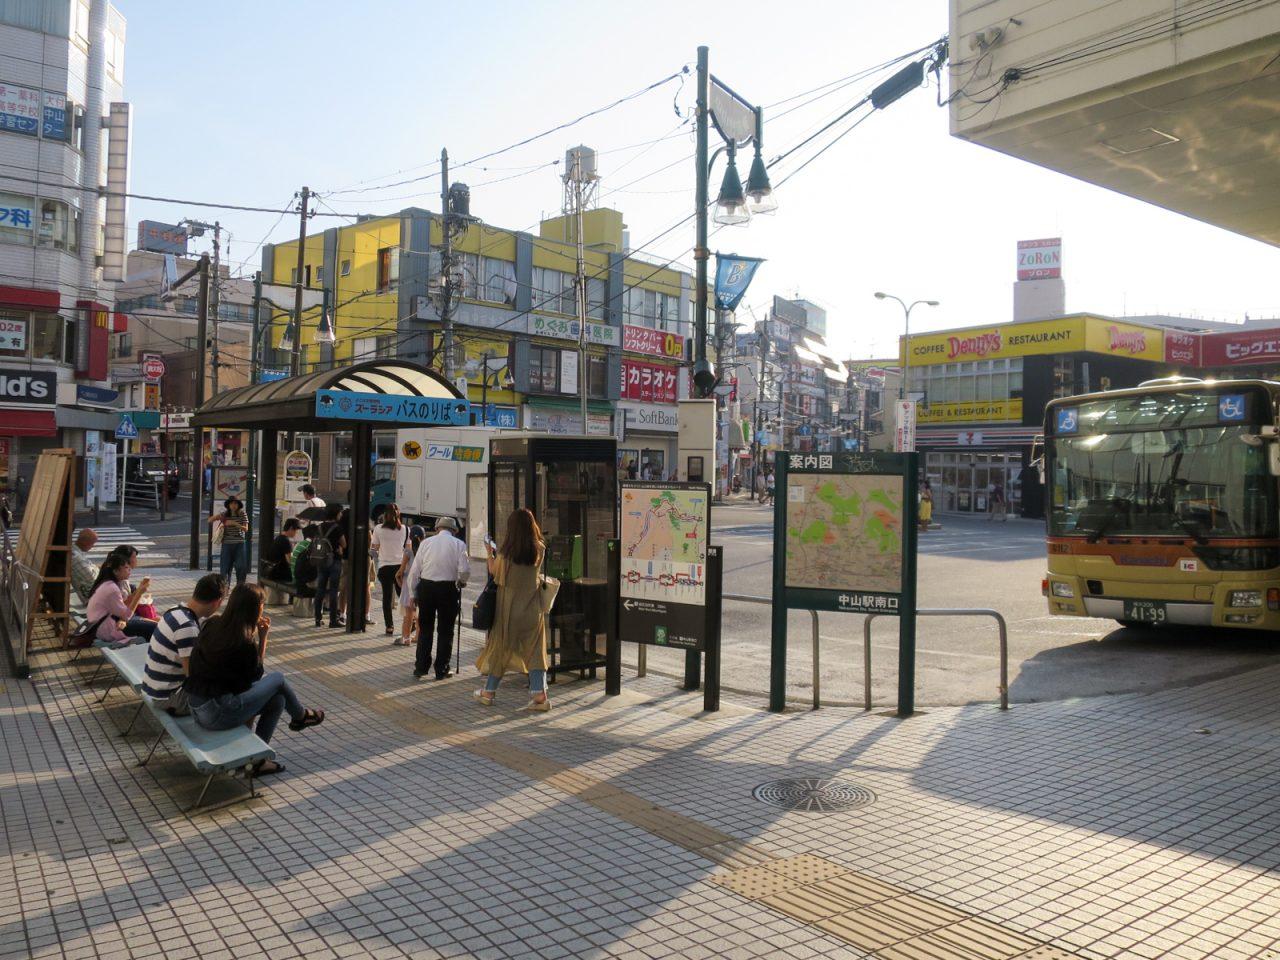 中山駅のバス乗り場